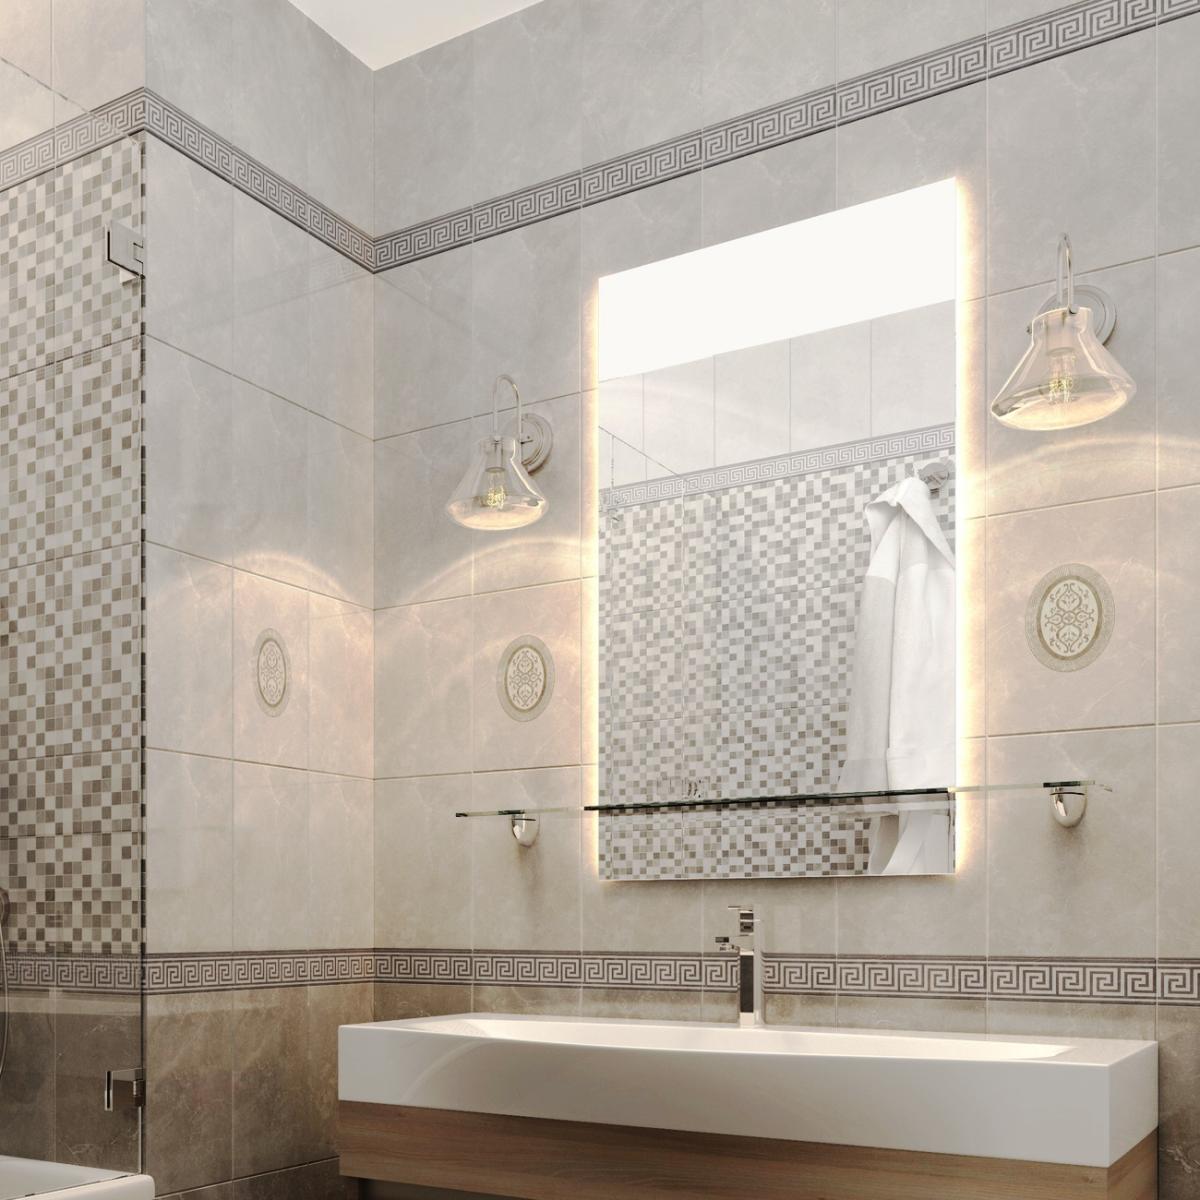 Плитка настенная Дора 20x30 см 144 м² цвет светло-серый